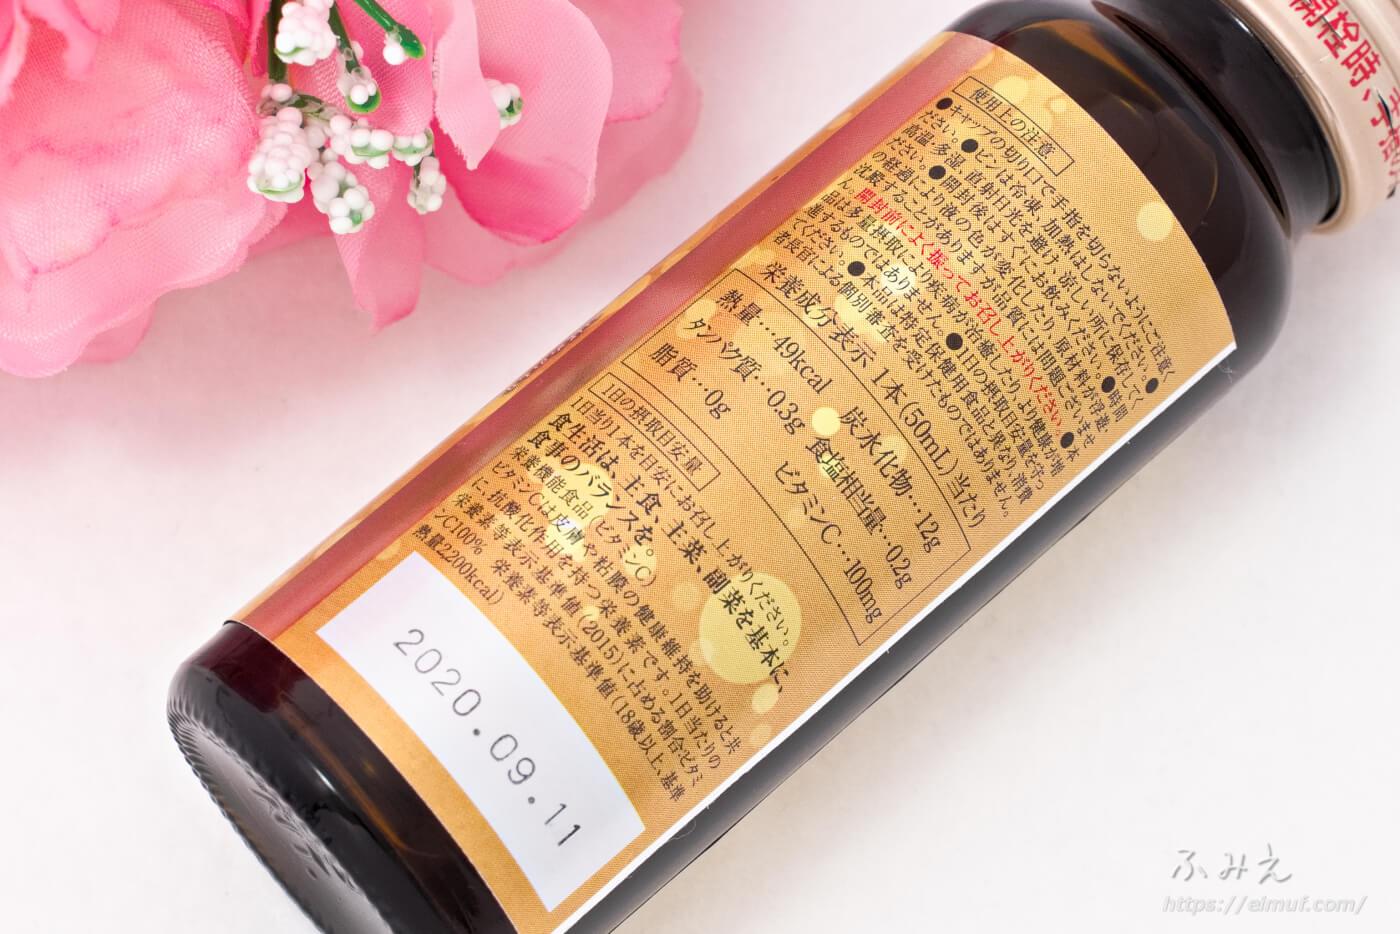 つばめのもり ツバメモリ15000 50ml入り瓶 注意や栄養表示のある側面